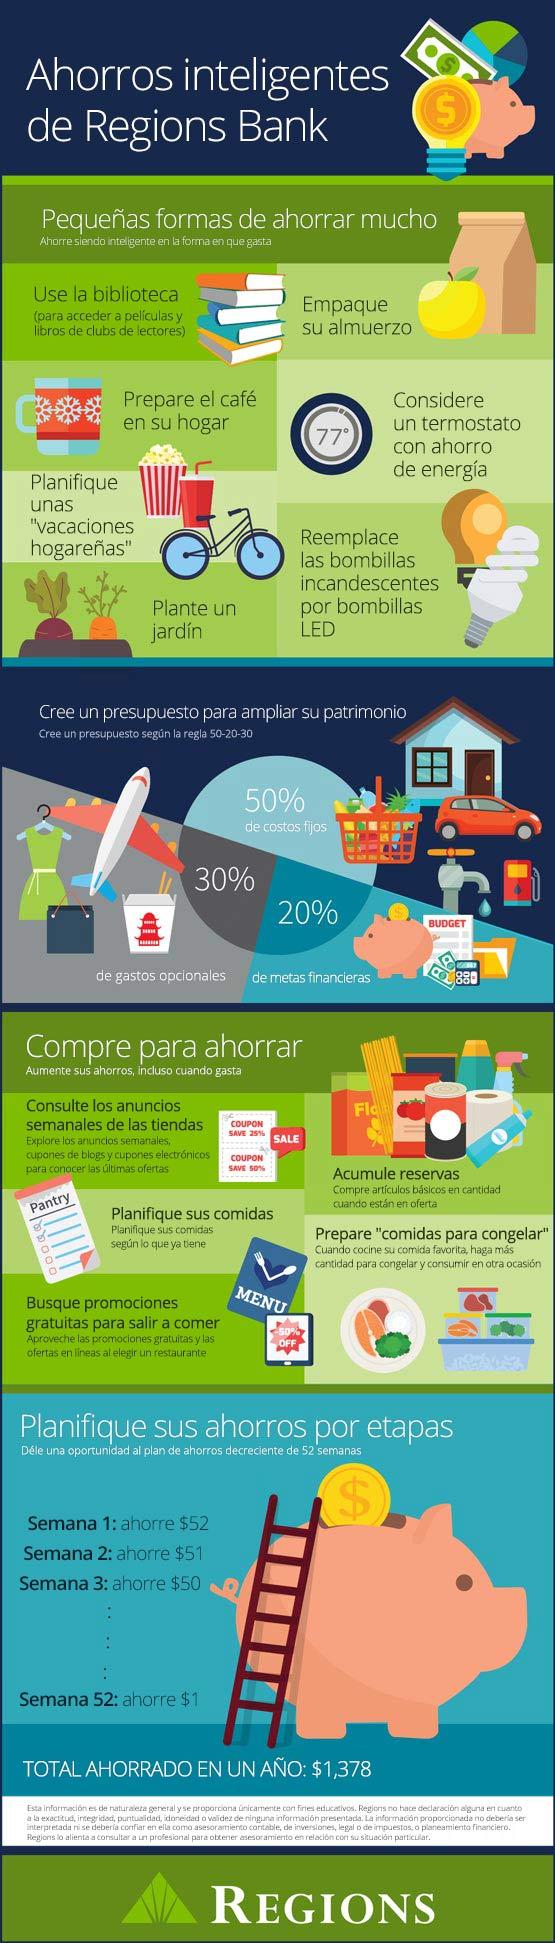 Gráfico informativo sobre 4 consejos de ahorros inteligentes